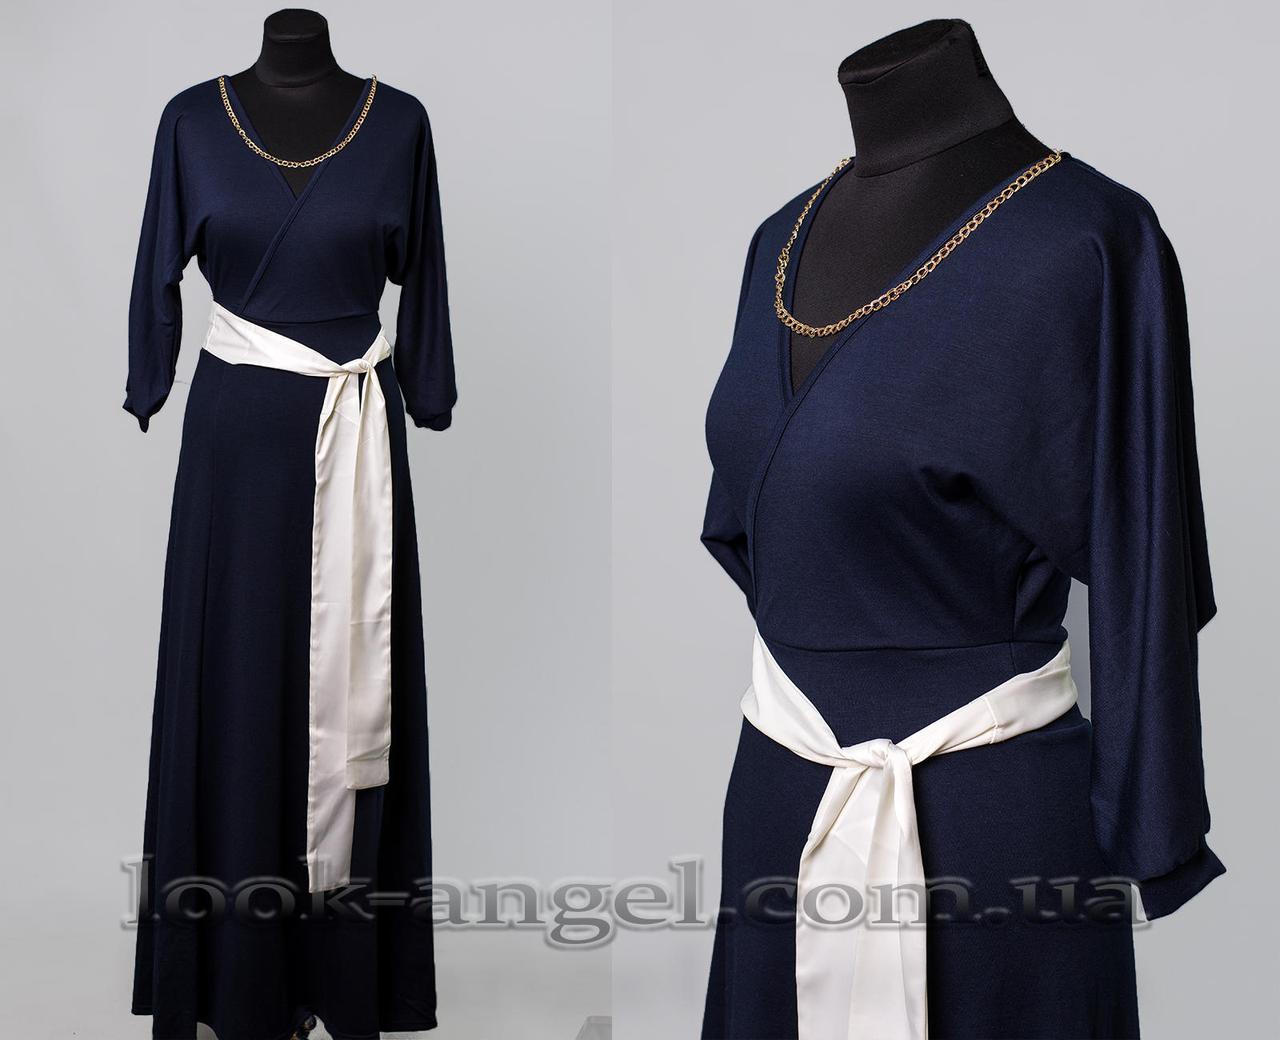 """Элегантное женское платье ткань """"Французский трикотаж"""" пояс в комплекте 44 размер норма"""